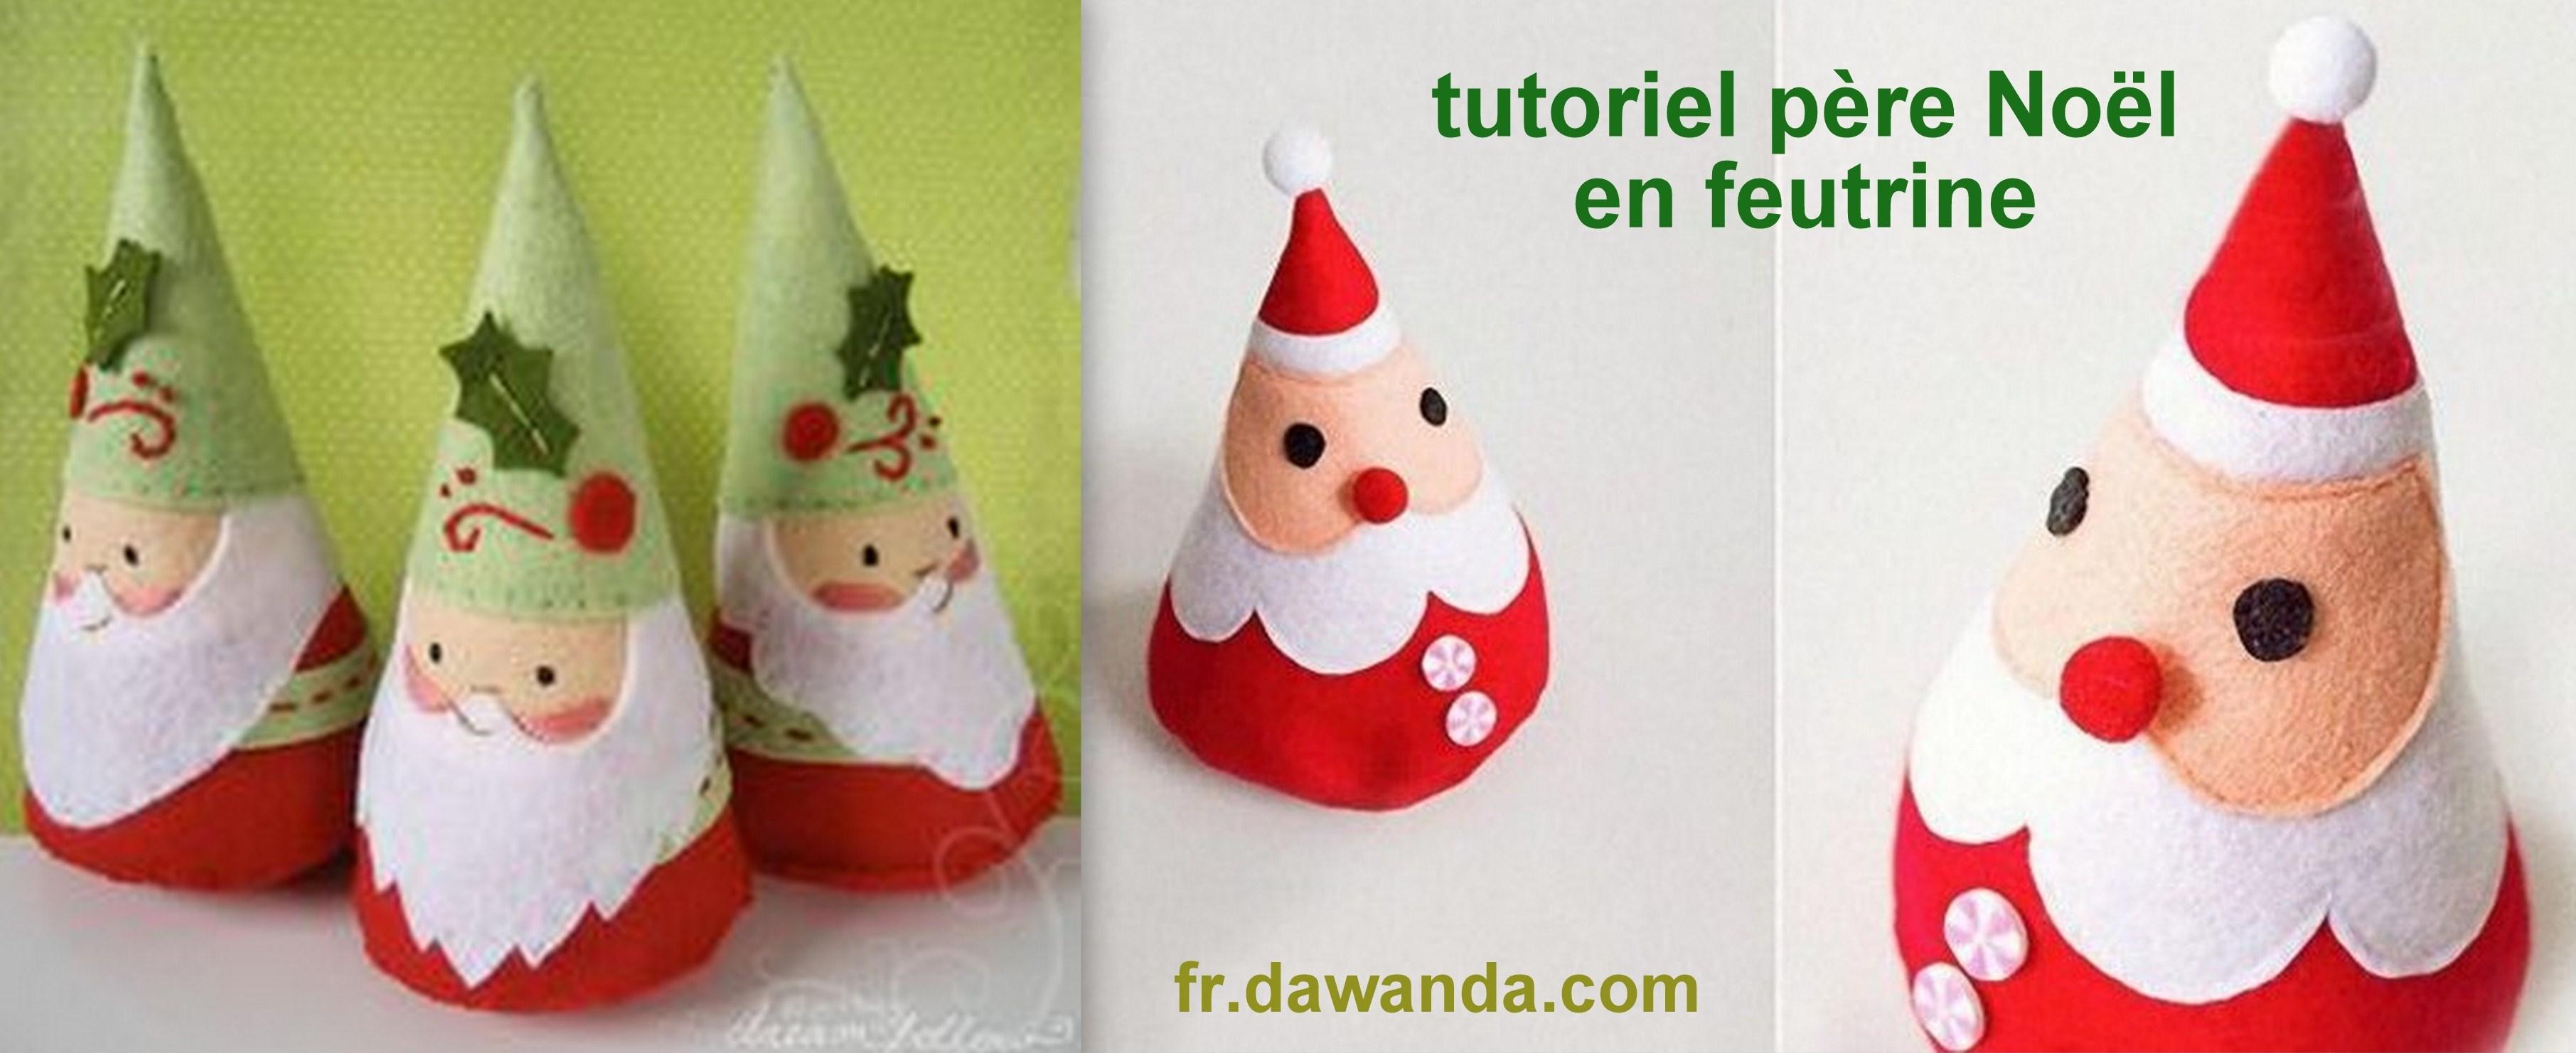 #B6151C Faire Un Père Noël En Feutrine Des Modèles Des Tutos 5839 tuto deco de noel 2015 3623x1481 px @ aertt.com